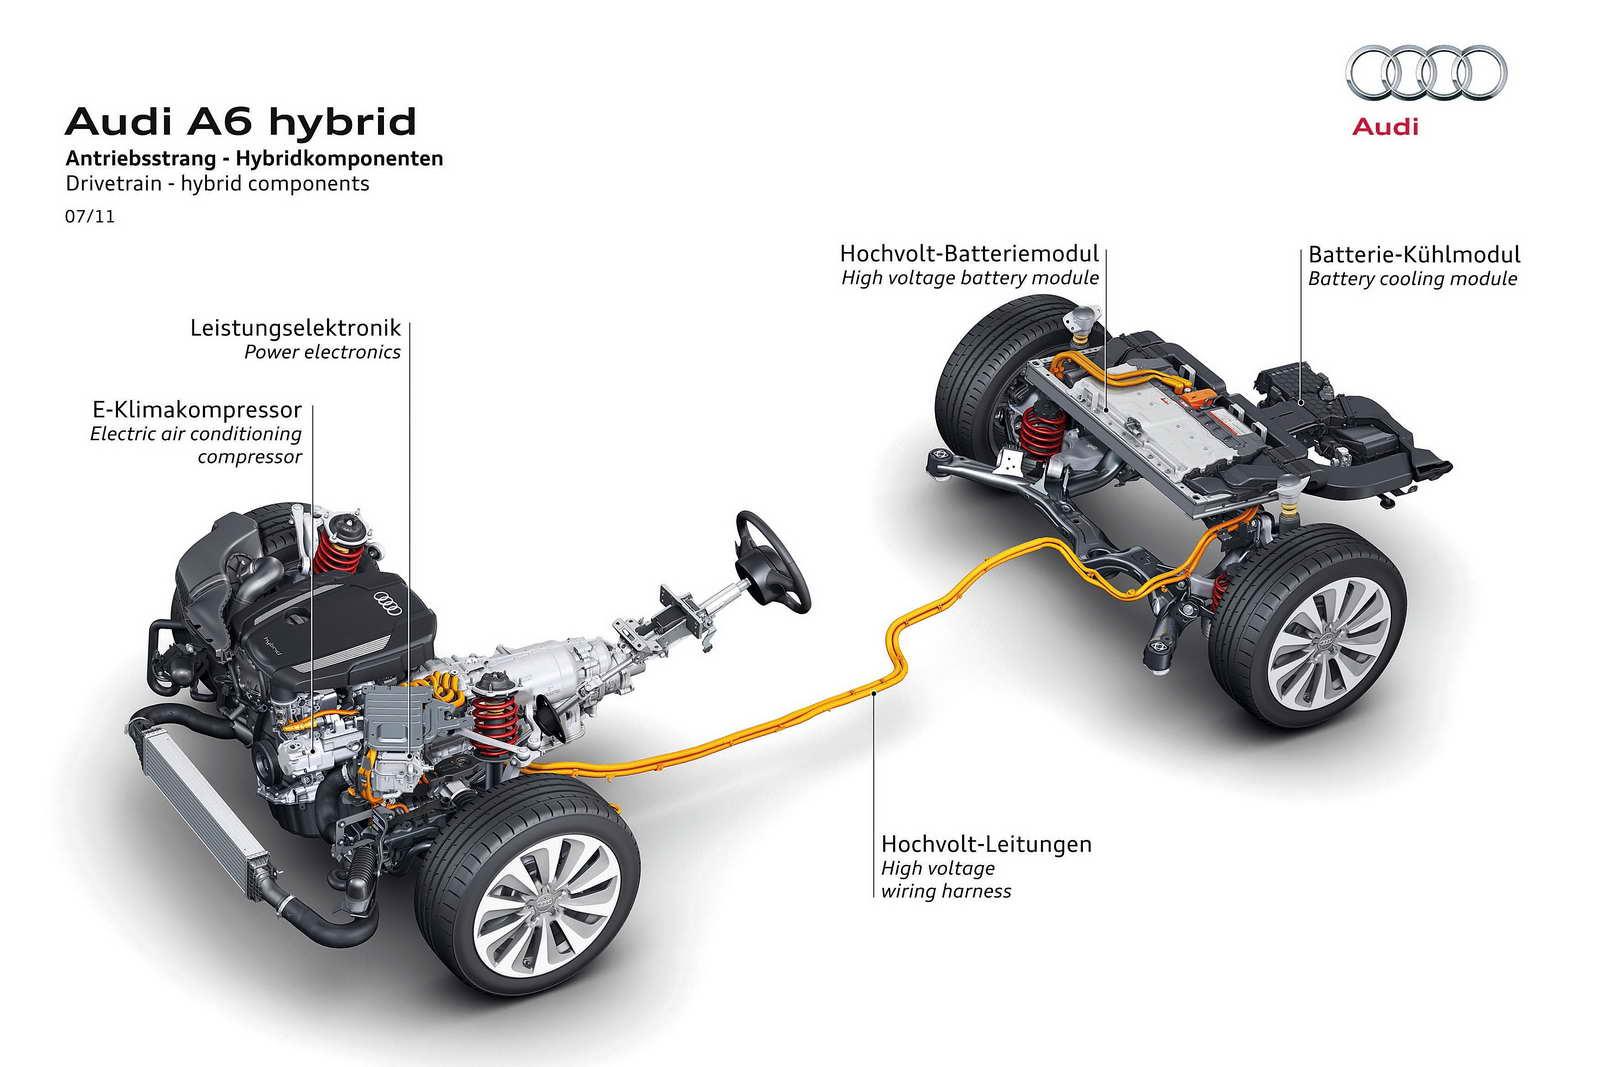 El Audi A6 dispone de un avanzado sistema híbrido de propulsión